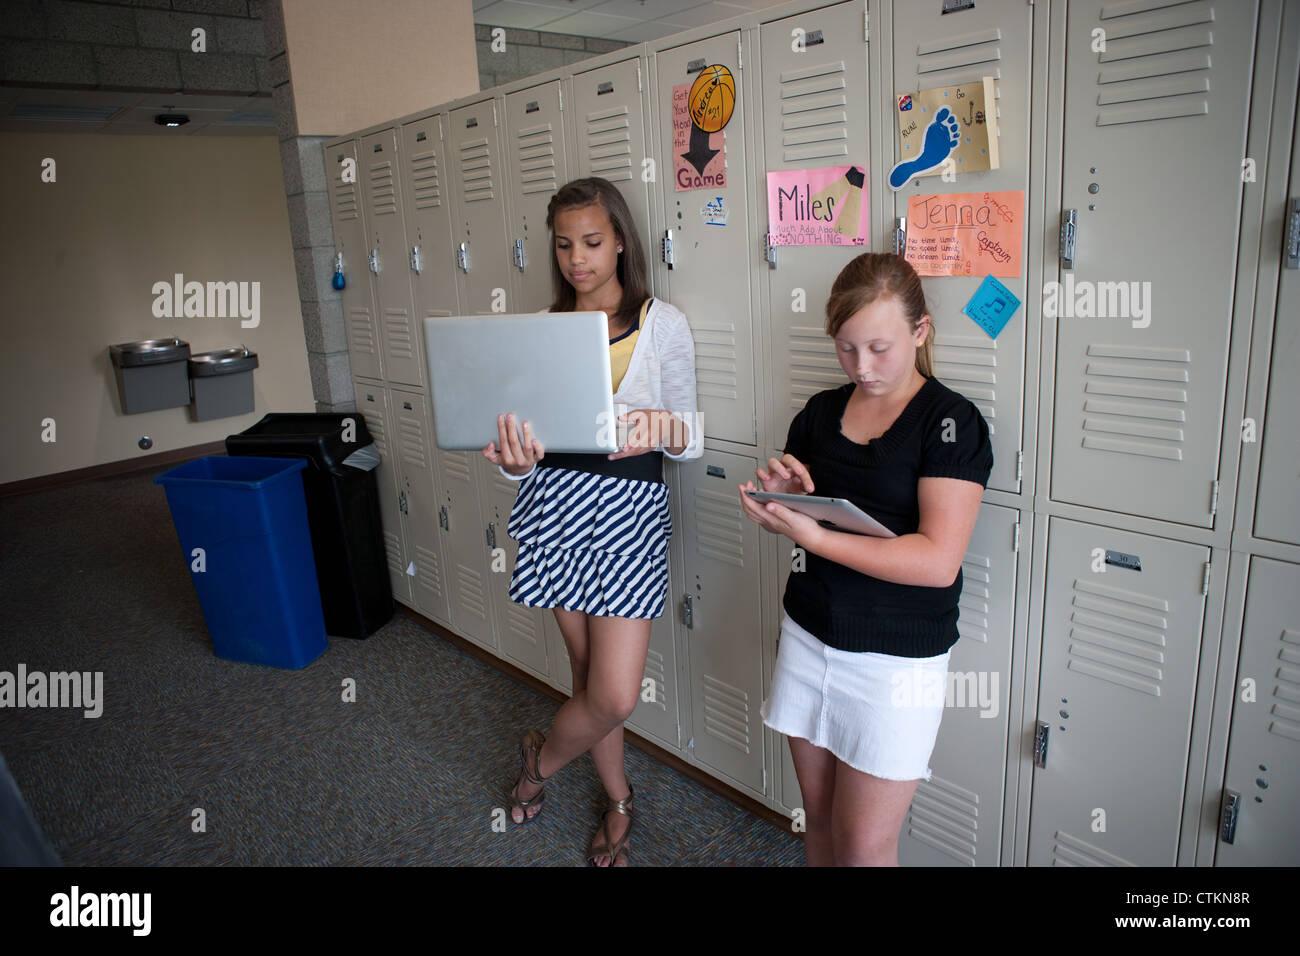 Le ragazze adolescenti utilizzando ipad e computer portatile in middle school in corridoio. Immagini Stock